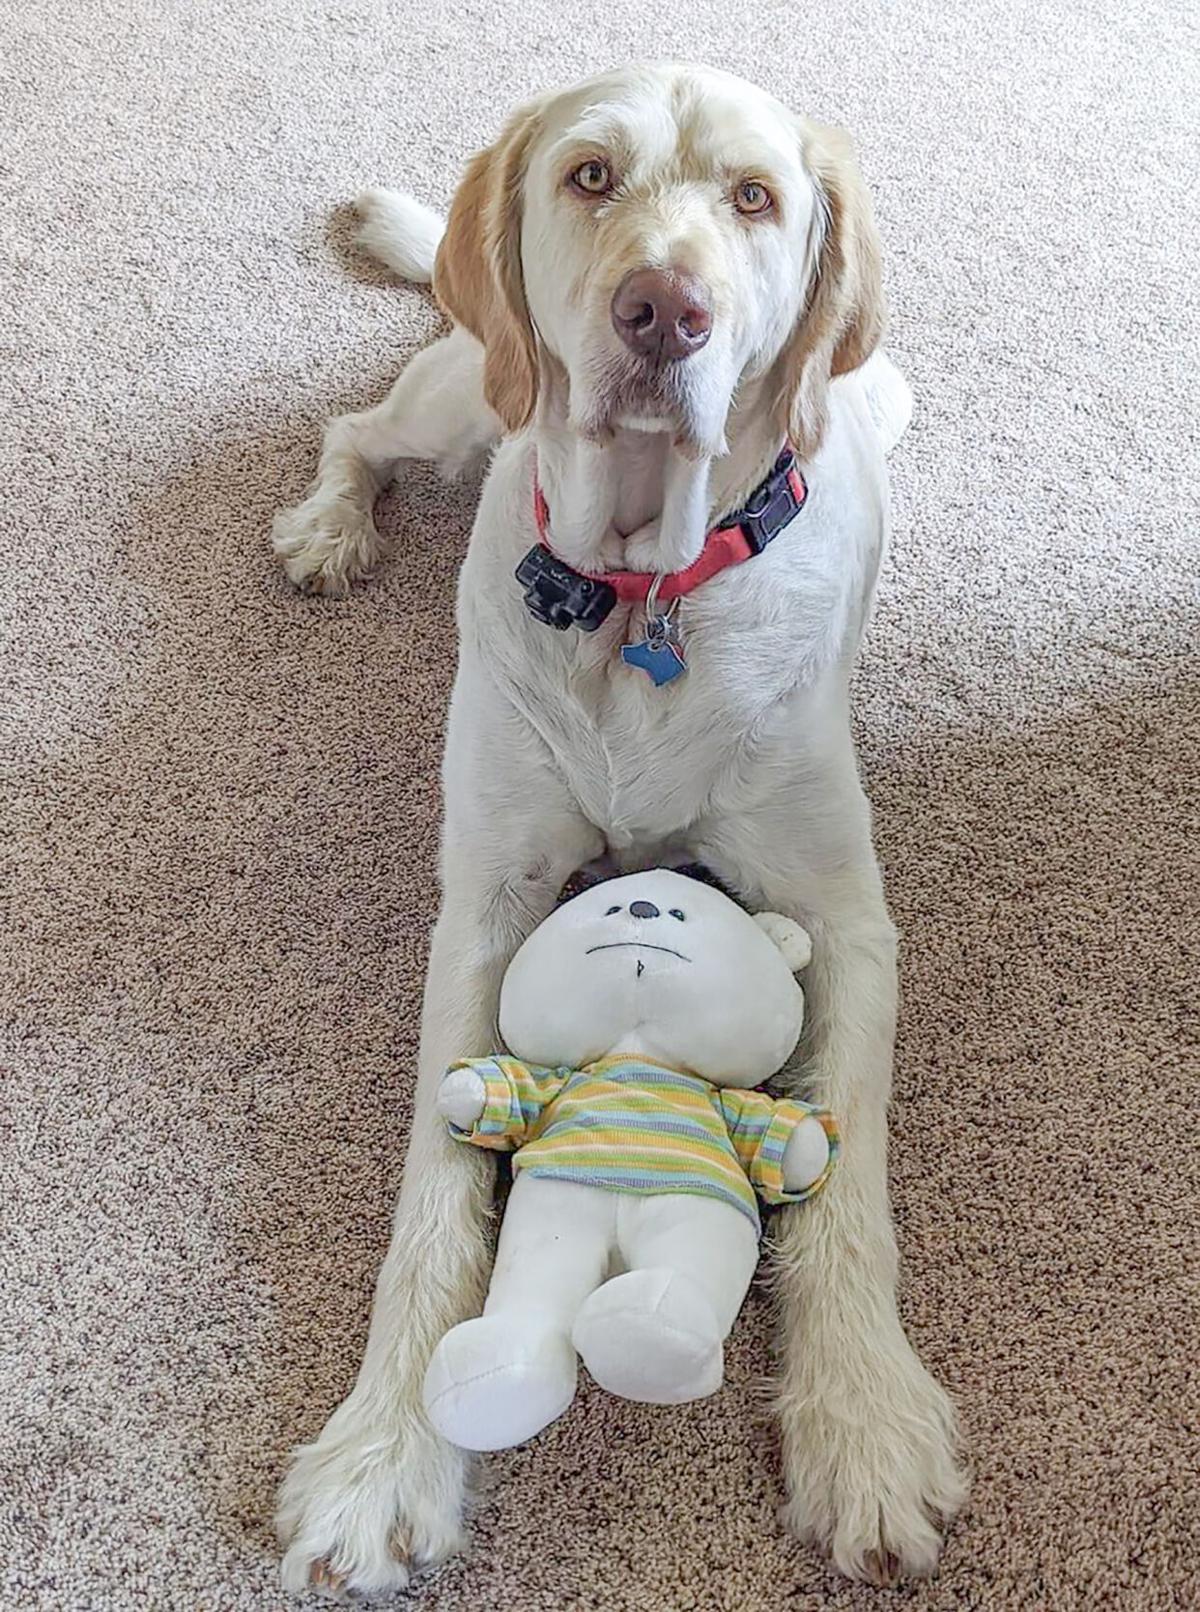 Jasper the dog photo 2